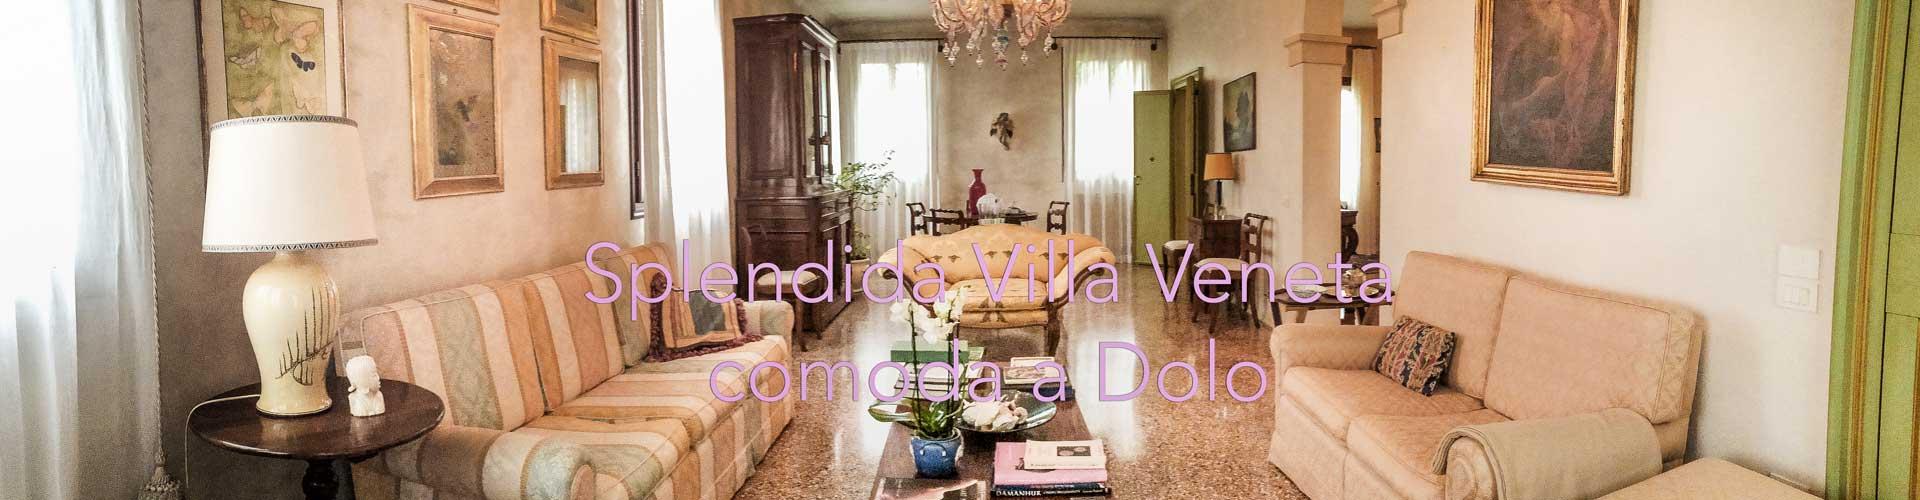 Case e appartamenti in vendita a dolo mirano venezia e for Meuble cortina quinto di treviso